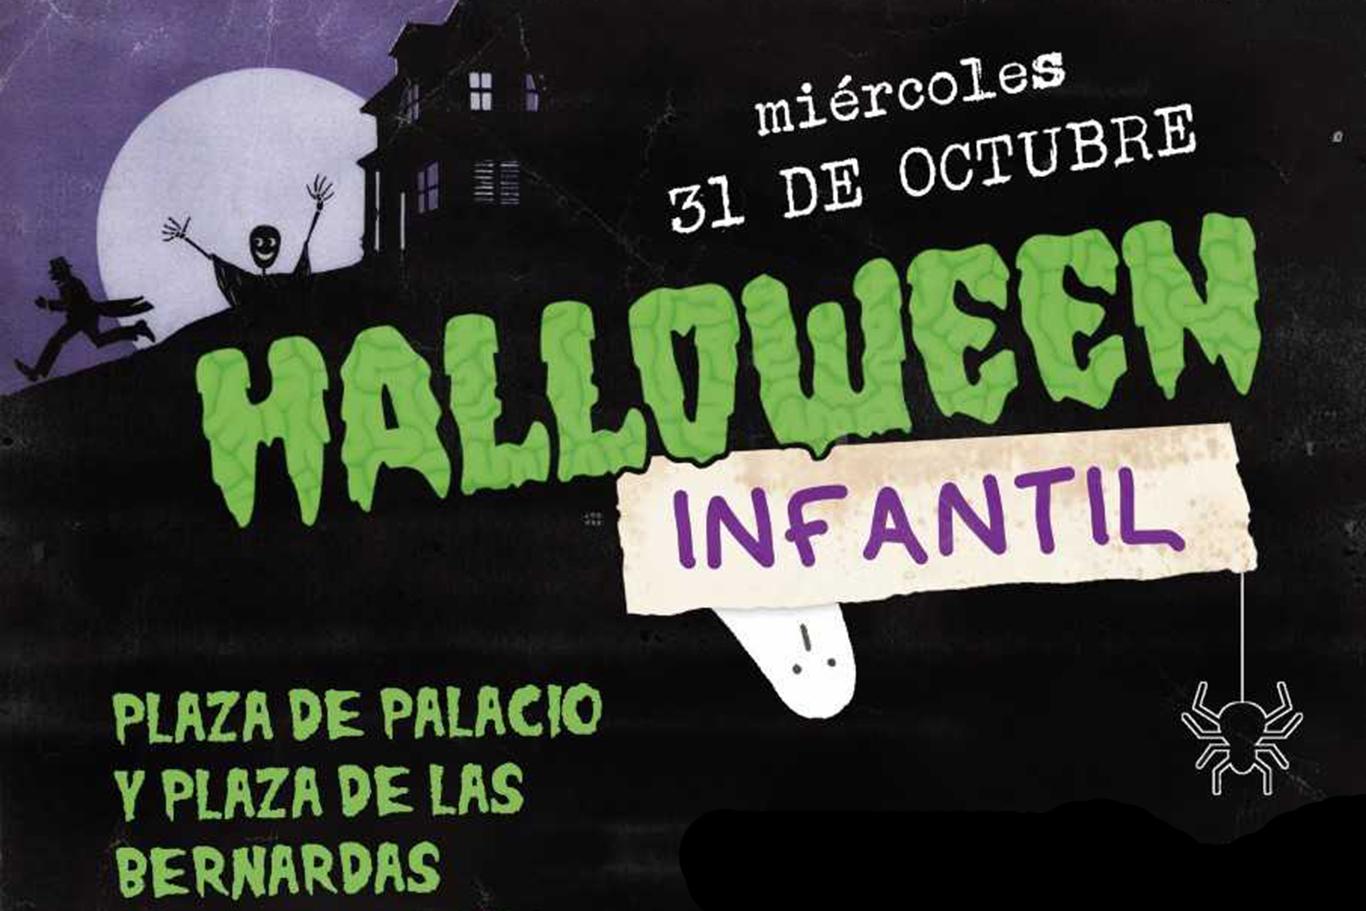 Halloween Infantil Actividades Terrorificas Y Gratuitas Para Ninos - Imagenes-terrorificas-de-halloween